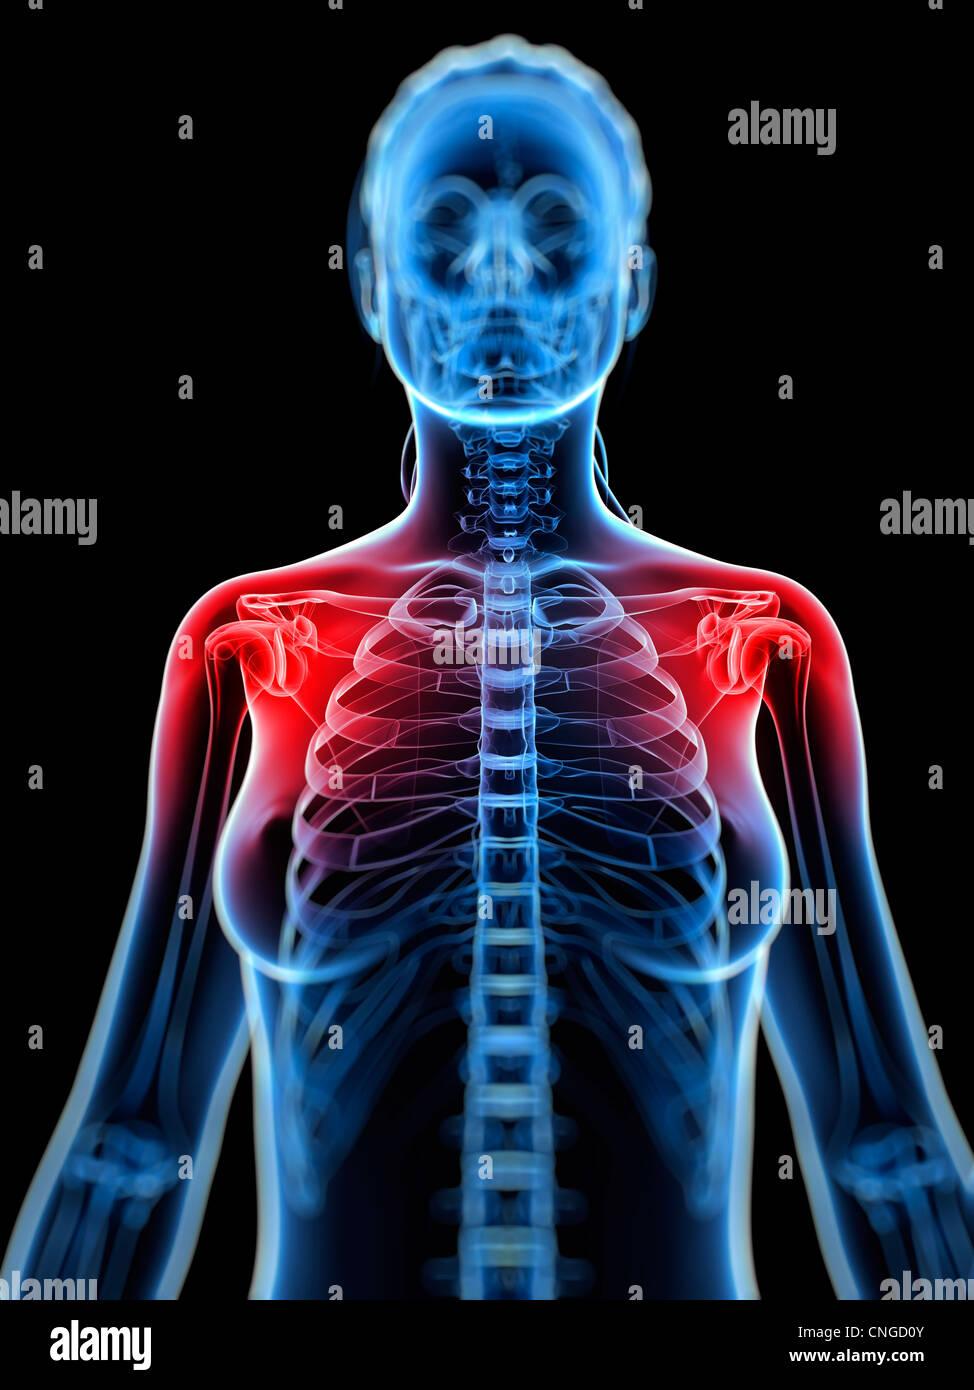 Shoulder pain  conceptual artwork - Stock Image